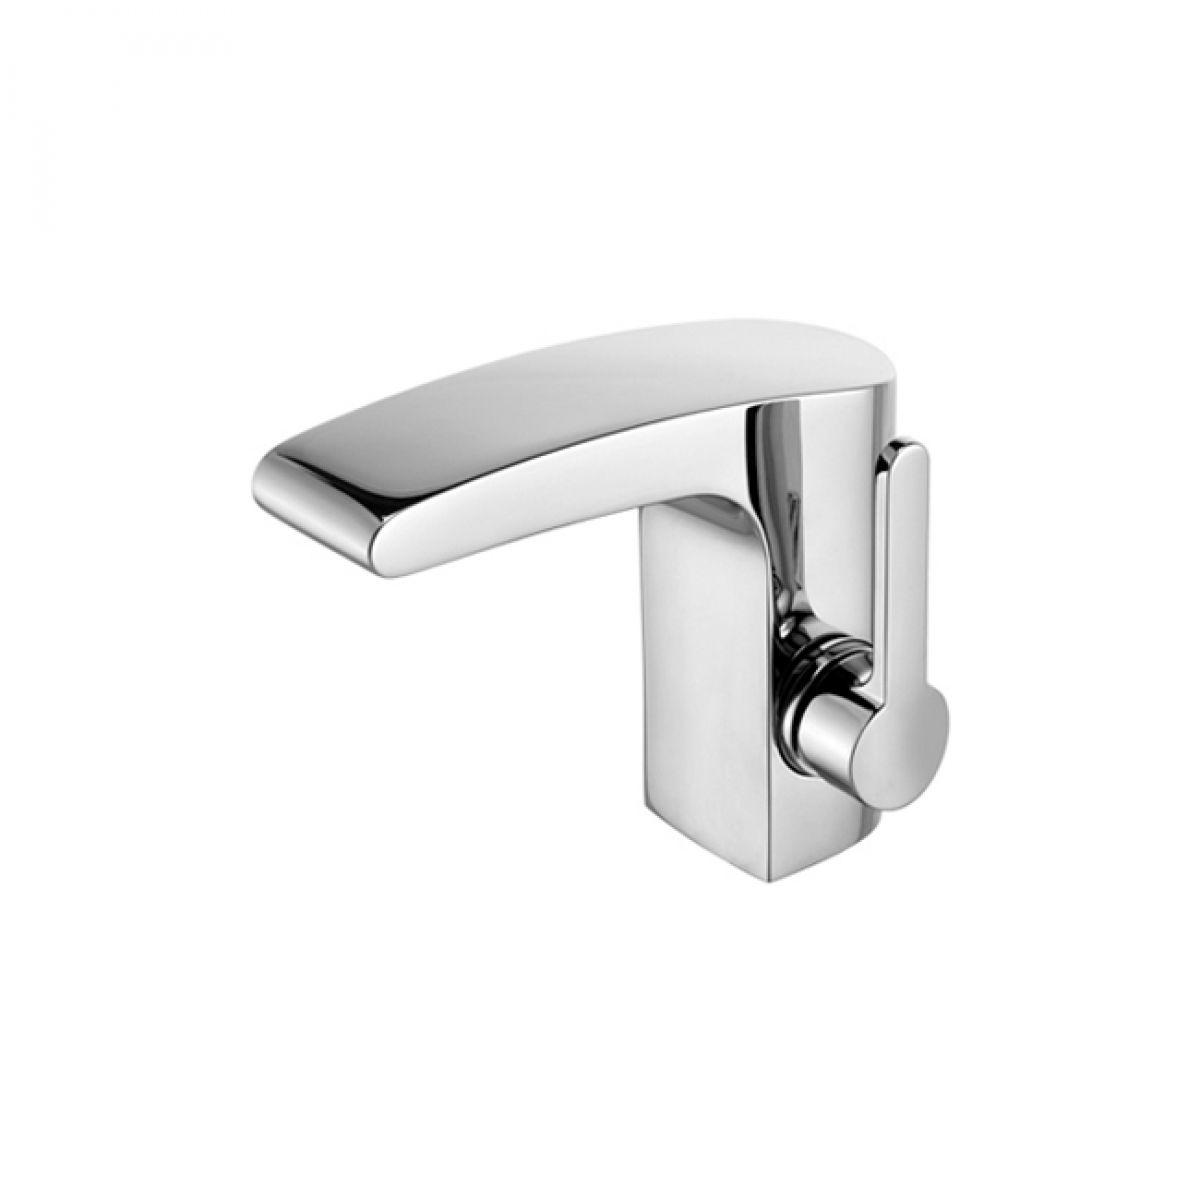 keuco elegance basin mixer tap with pop up waste uk bathrooms. Black Bedroom Furniture Sets. Home Design Ideas